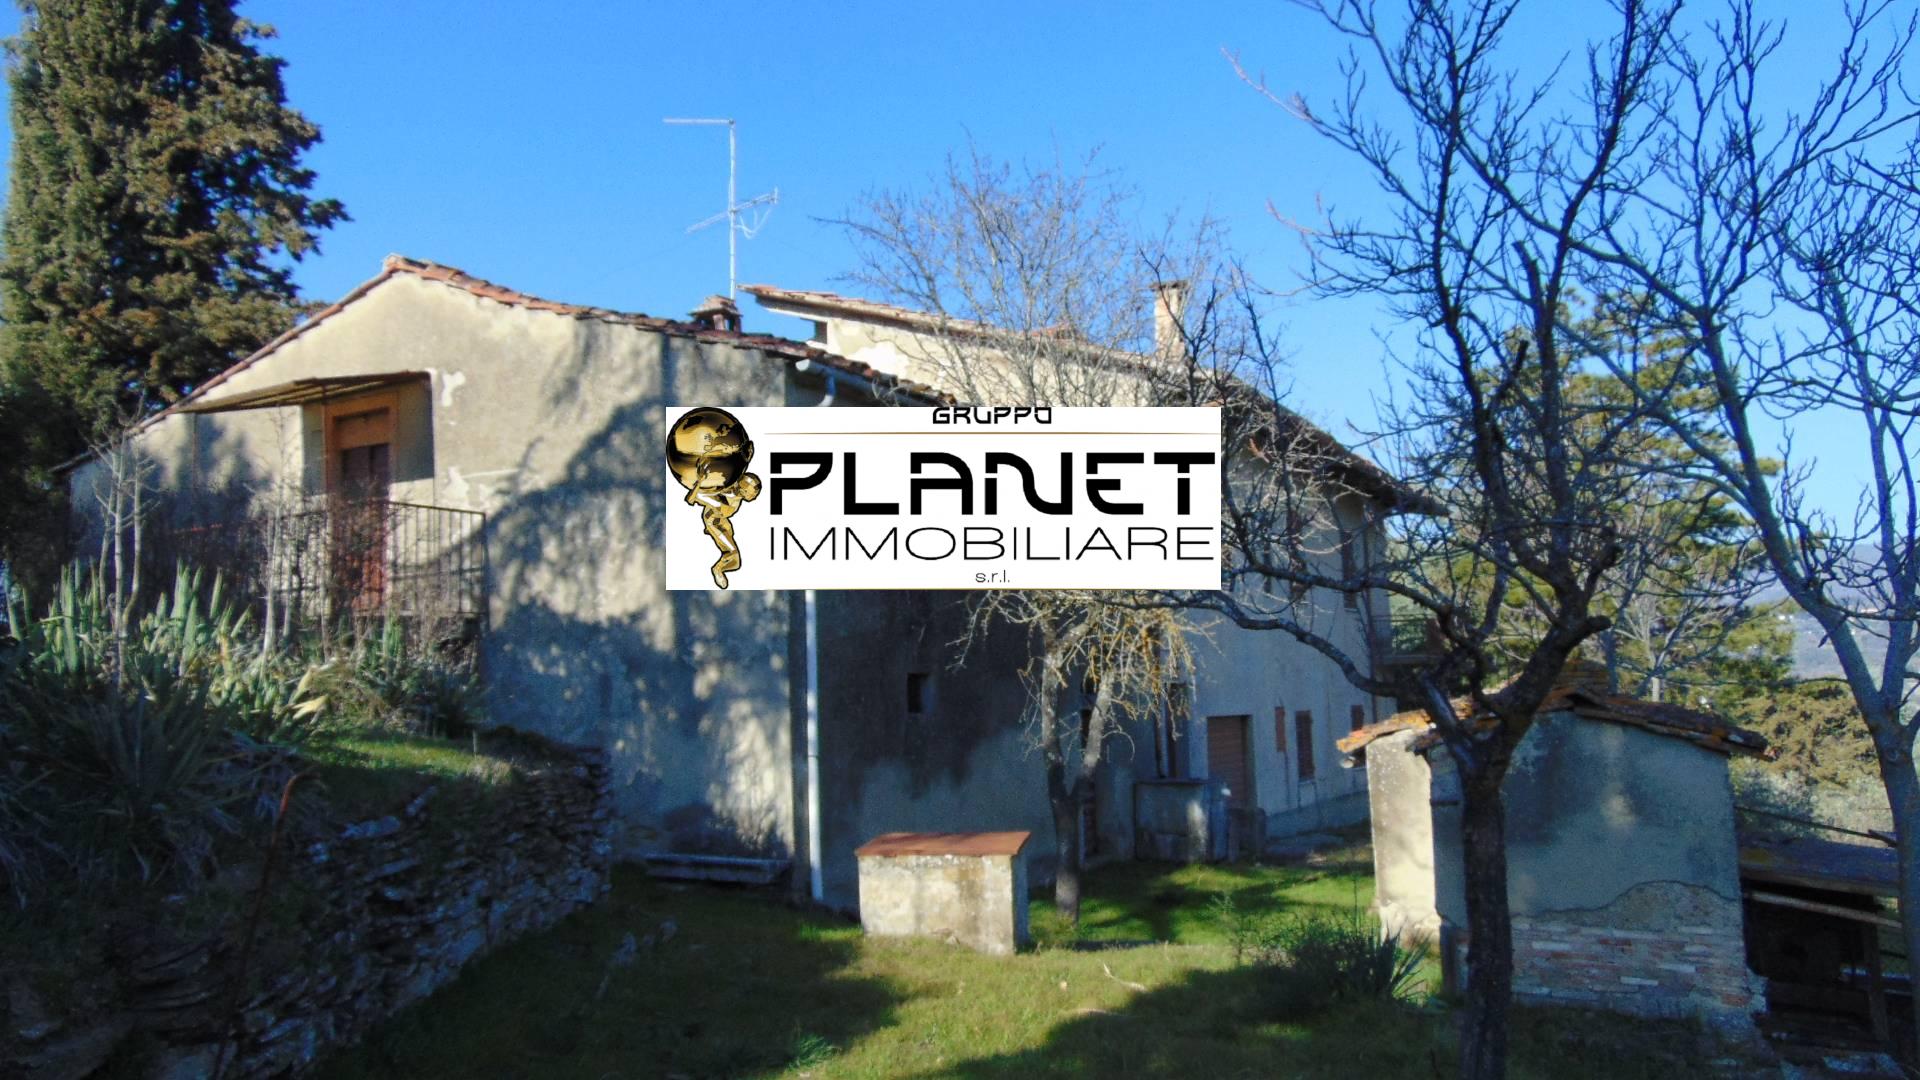 arezzo vendita quart: la pace gruppo planet immobiliare s.r.l.